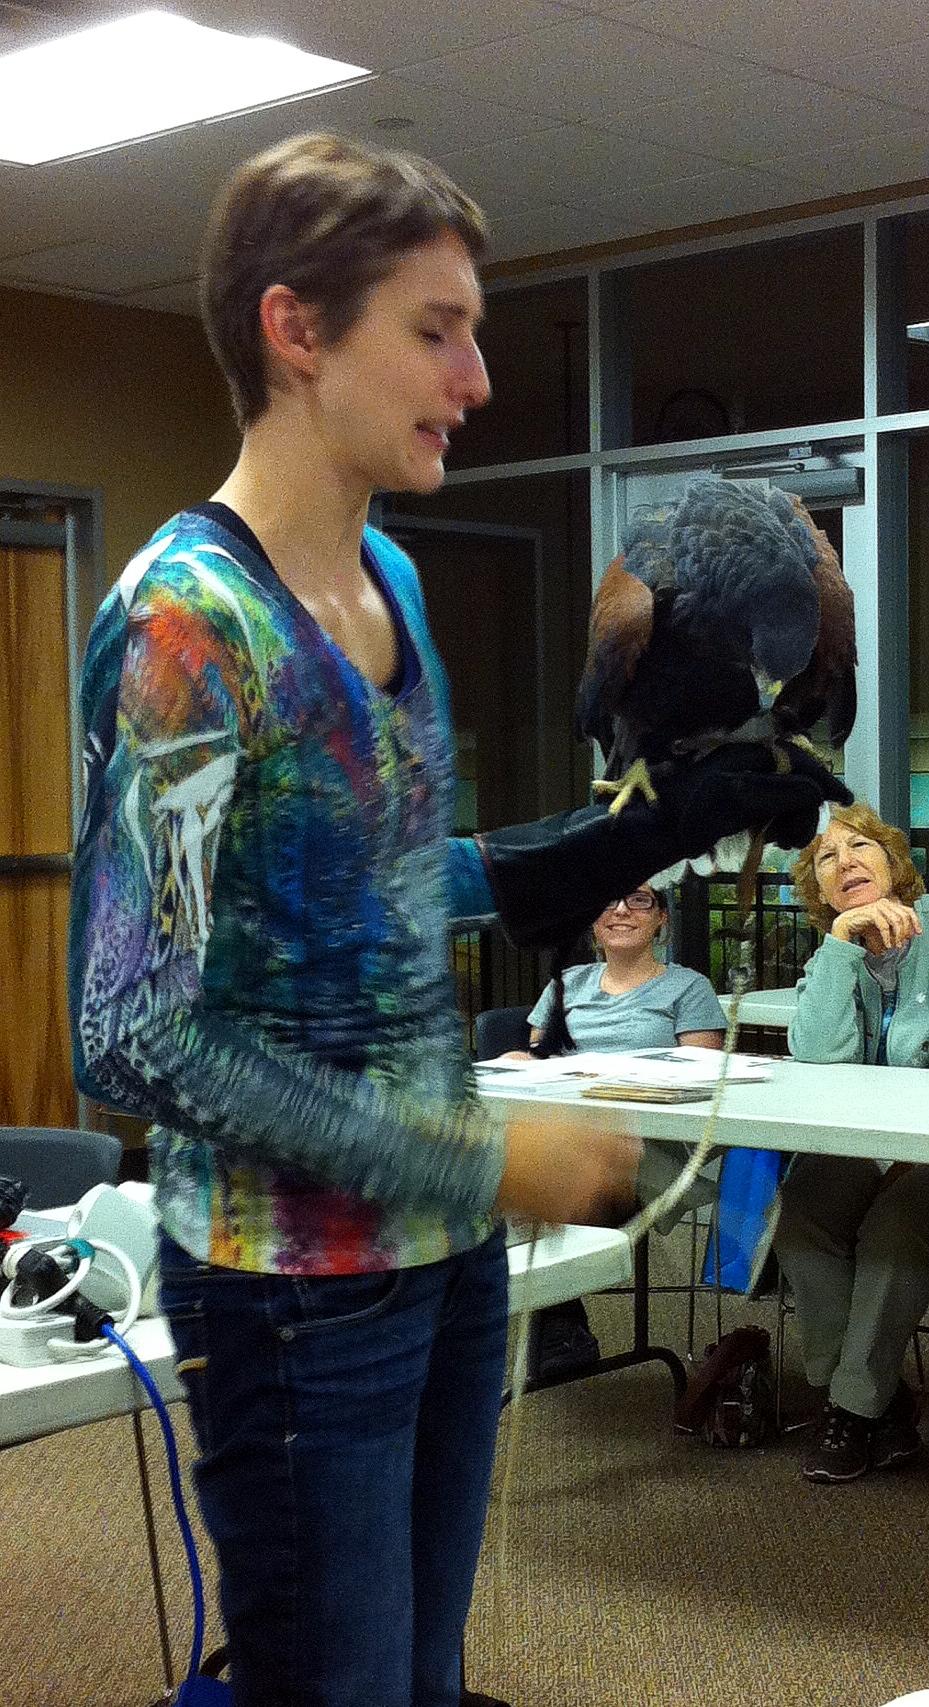 Rehabilitator StephanieBoyd with hawk